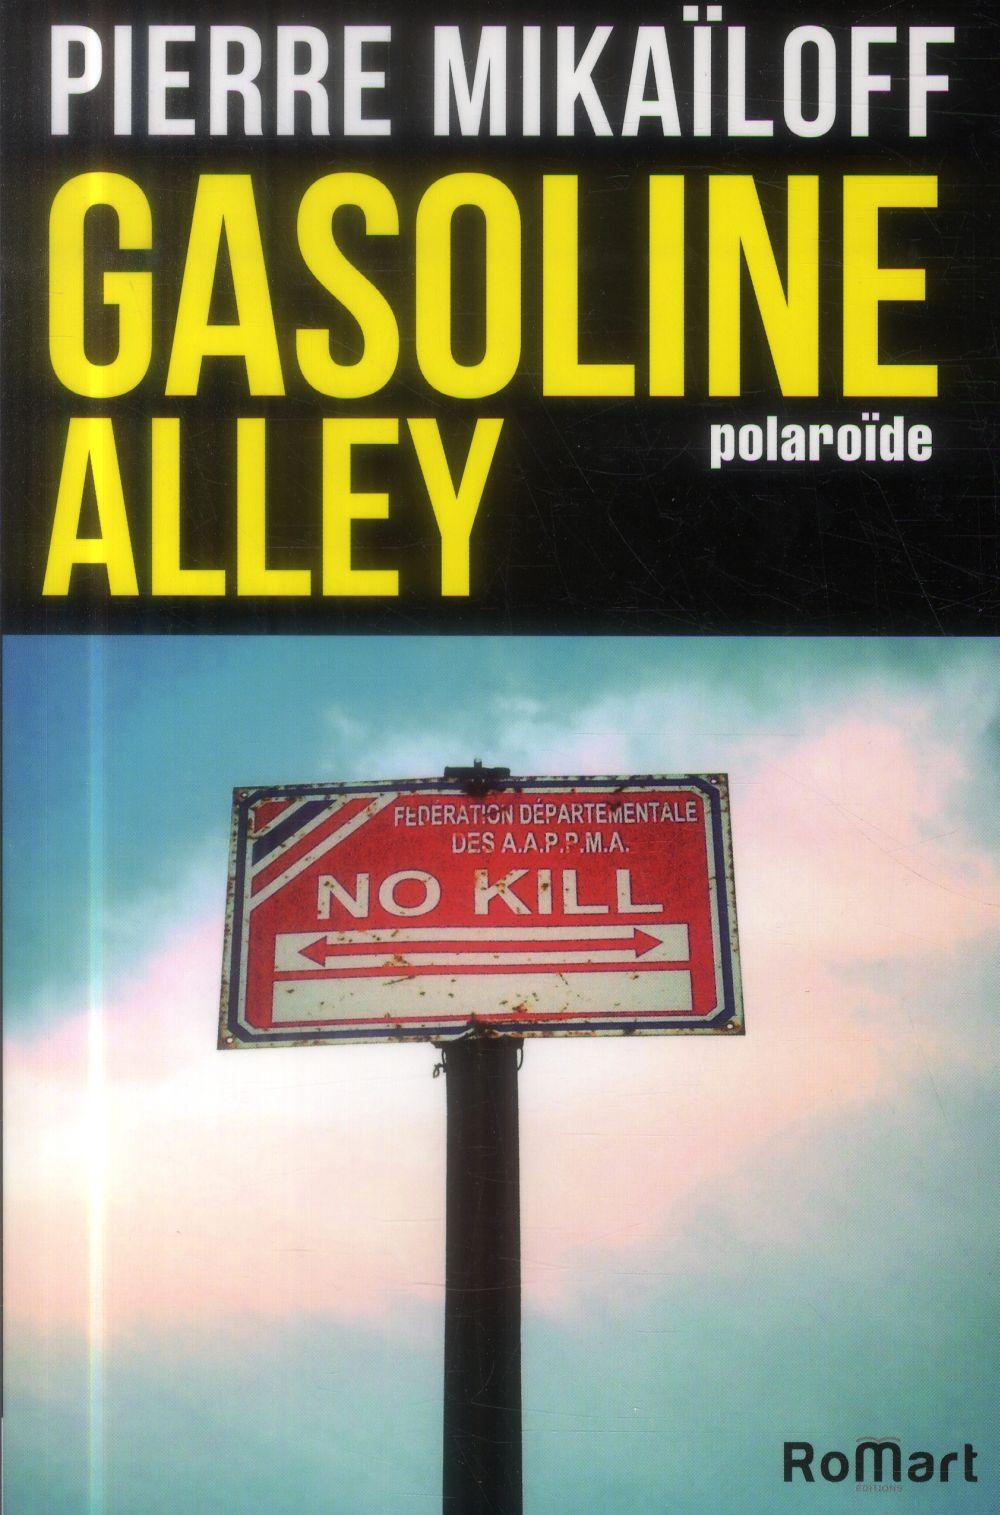 GASOLINE ALLEY- POLAROIDE